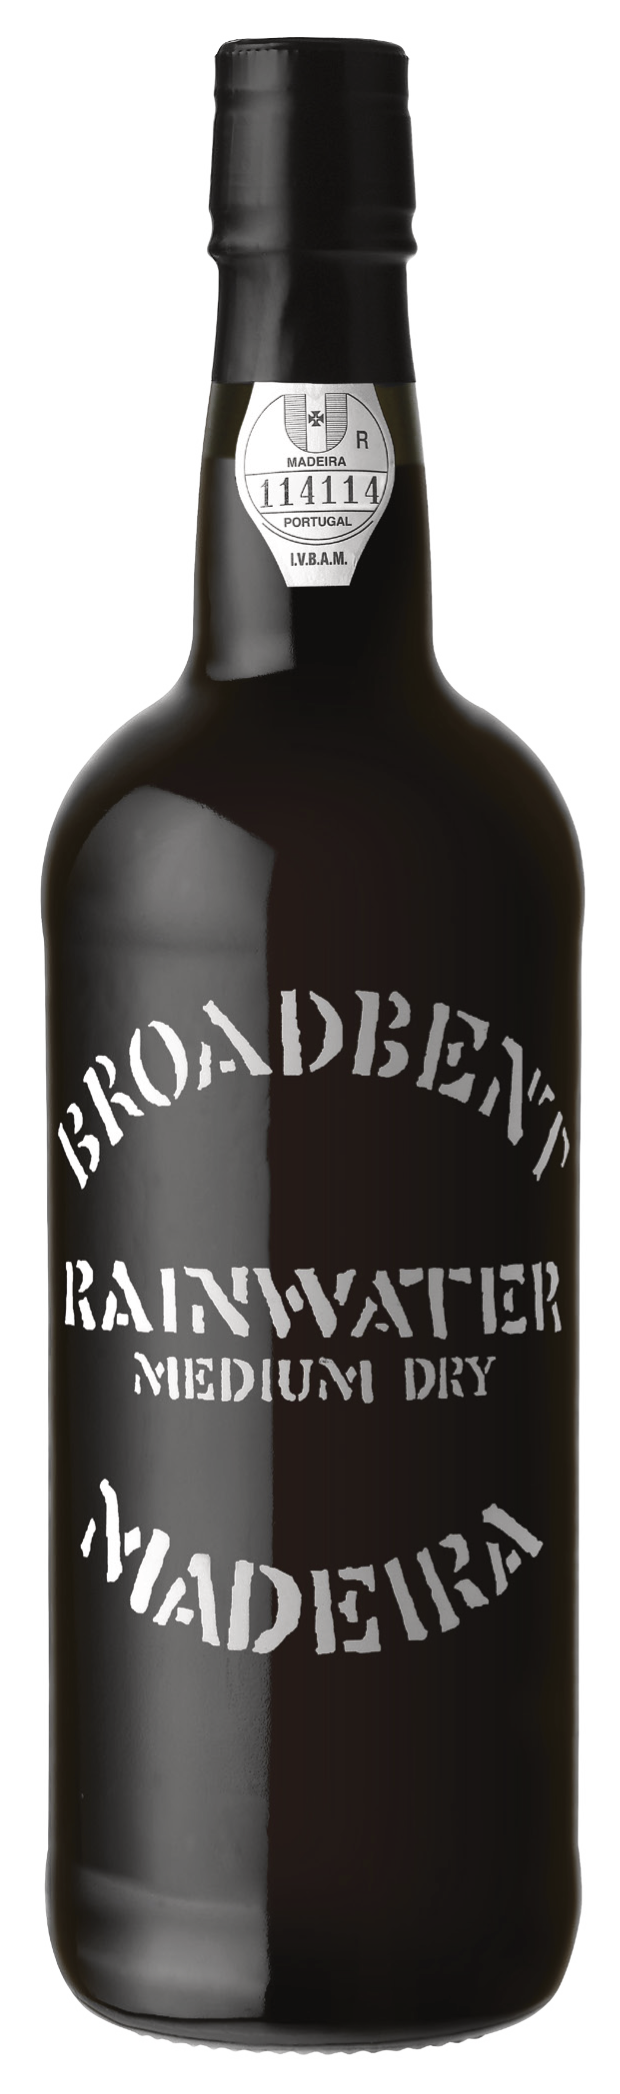 Broadbent_Madeira_Rainwater_NV